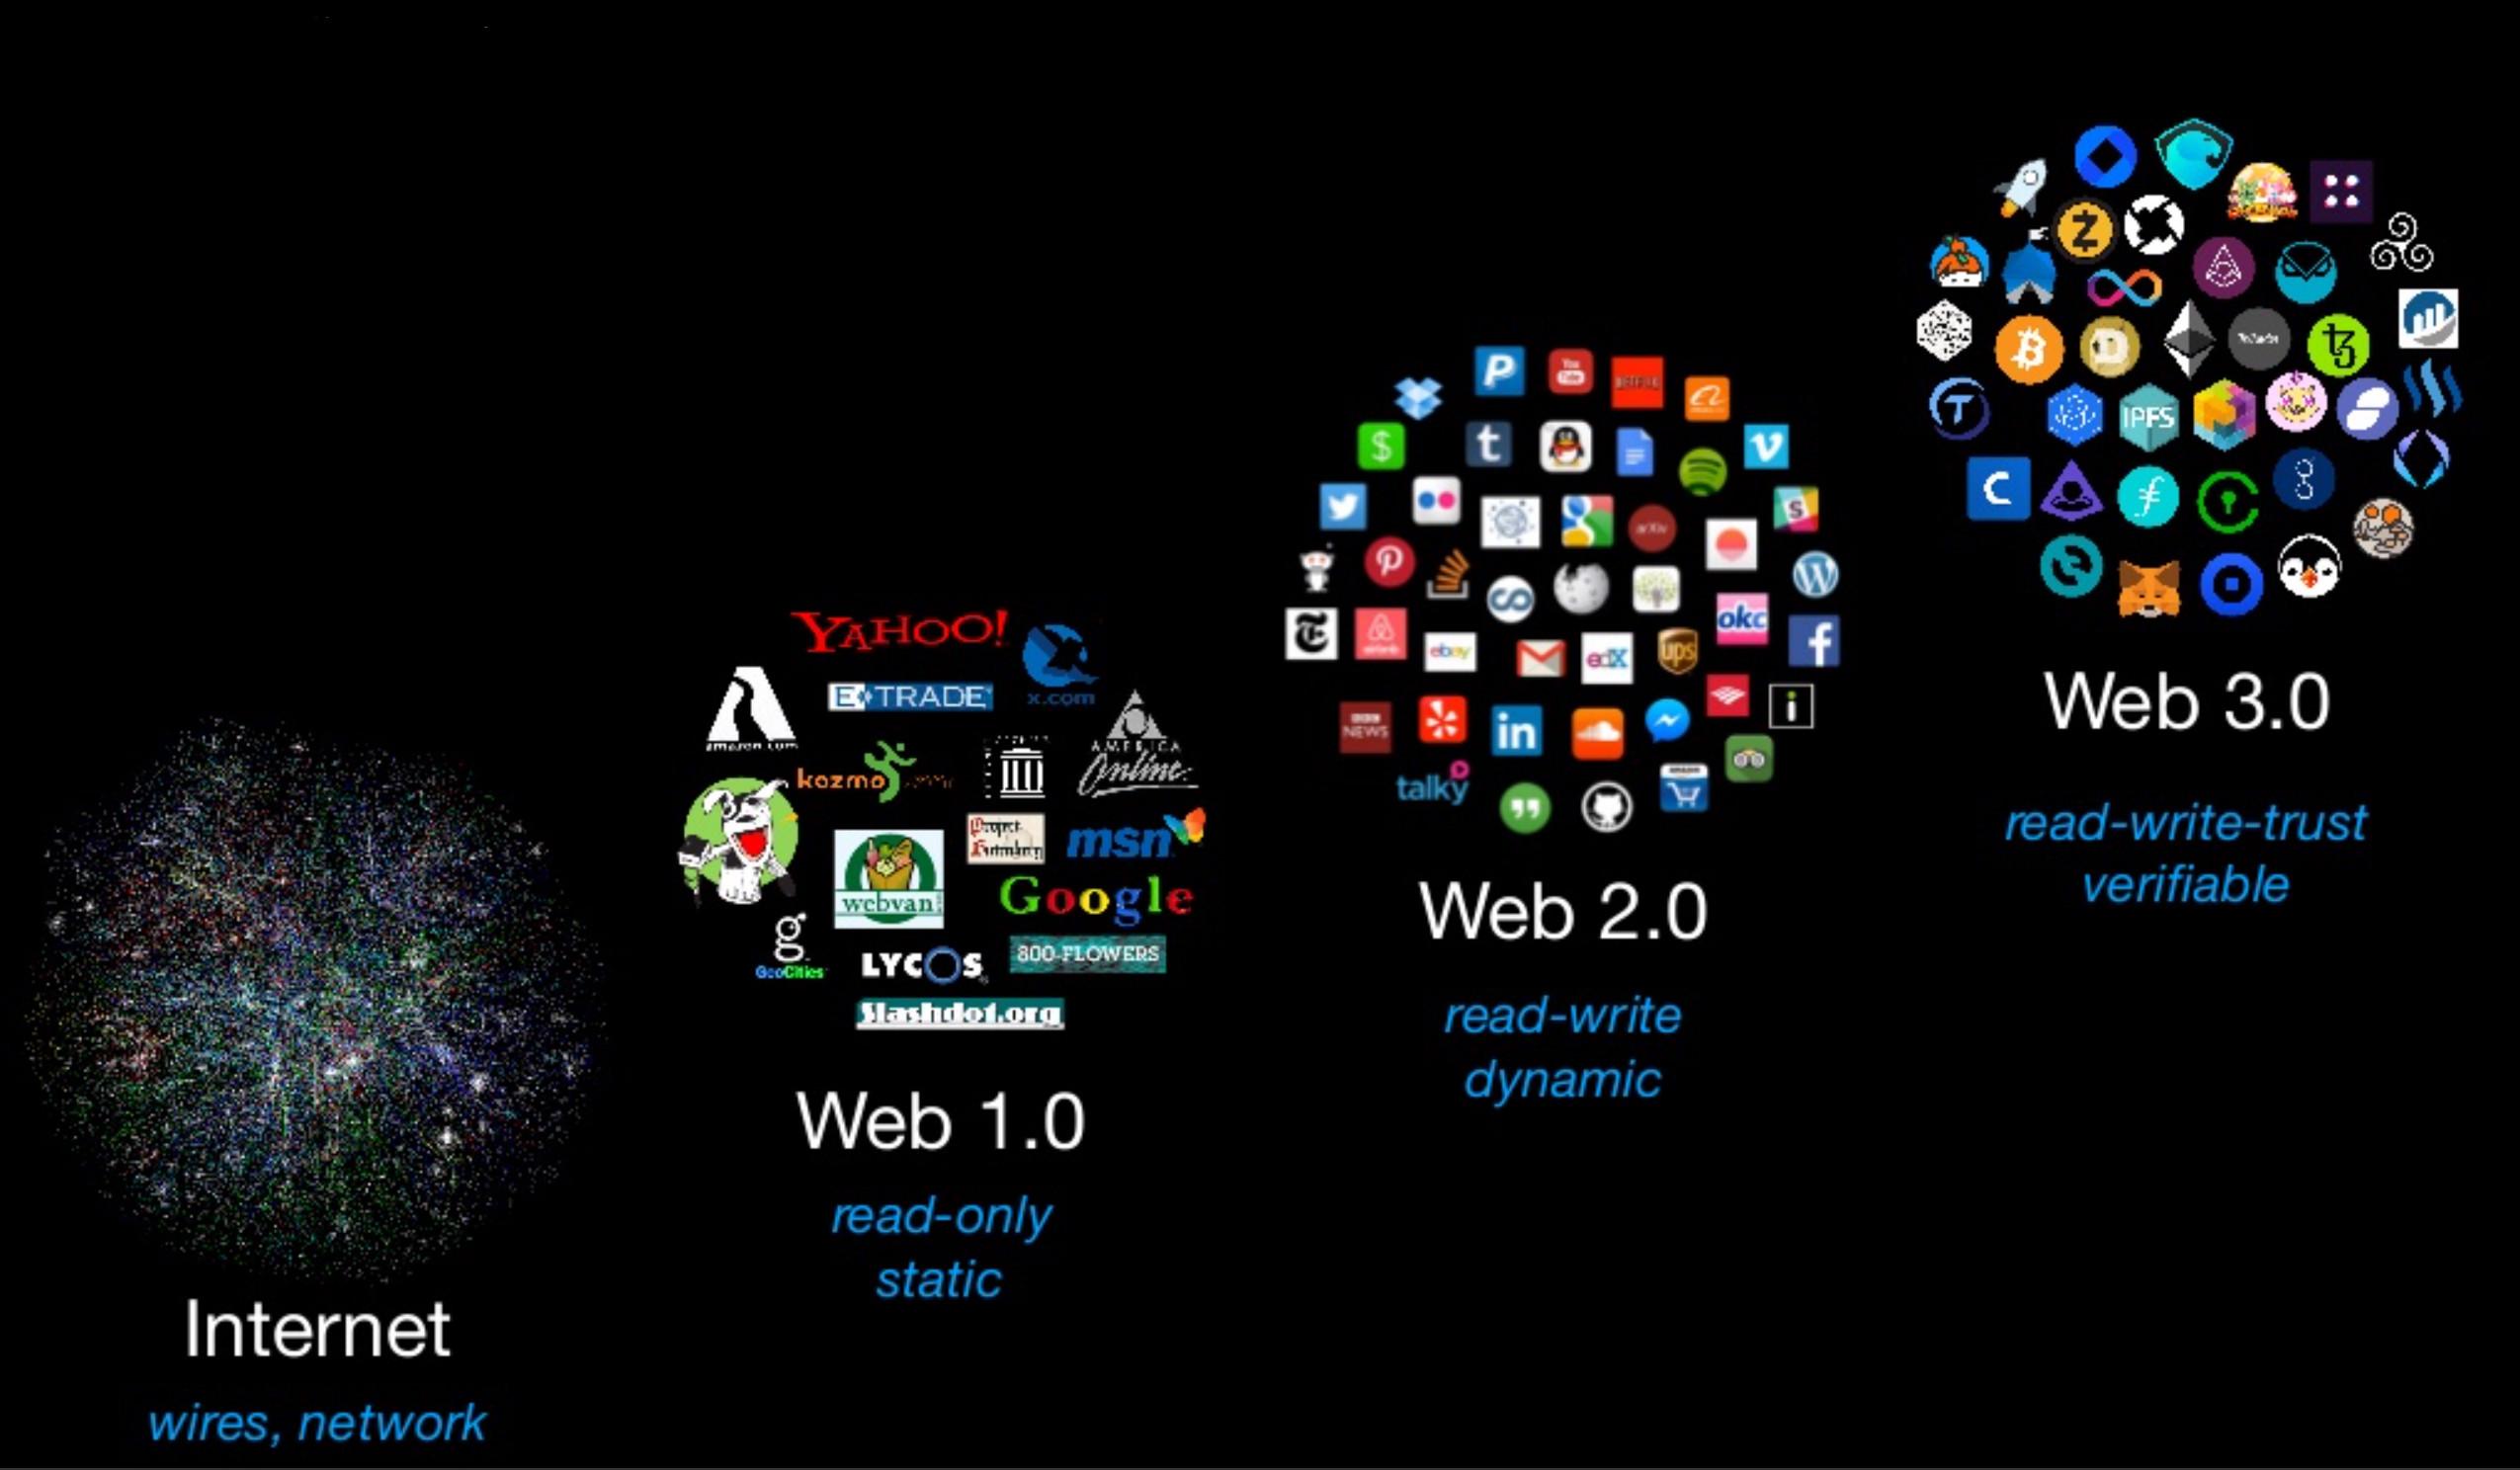 مهمترین خصوصیت و اپلیکیشنهای هر نسل وب